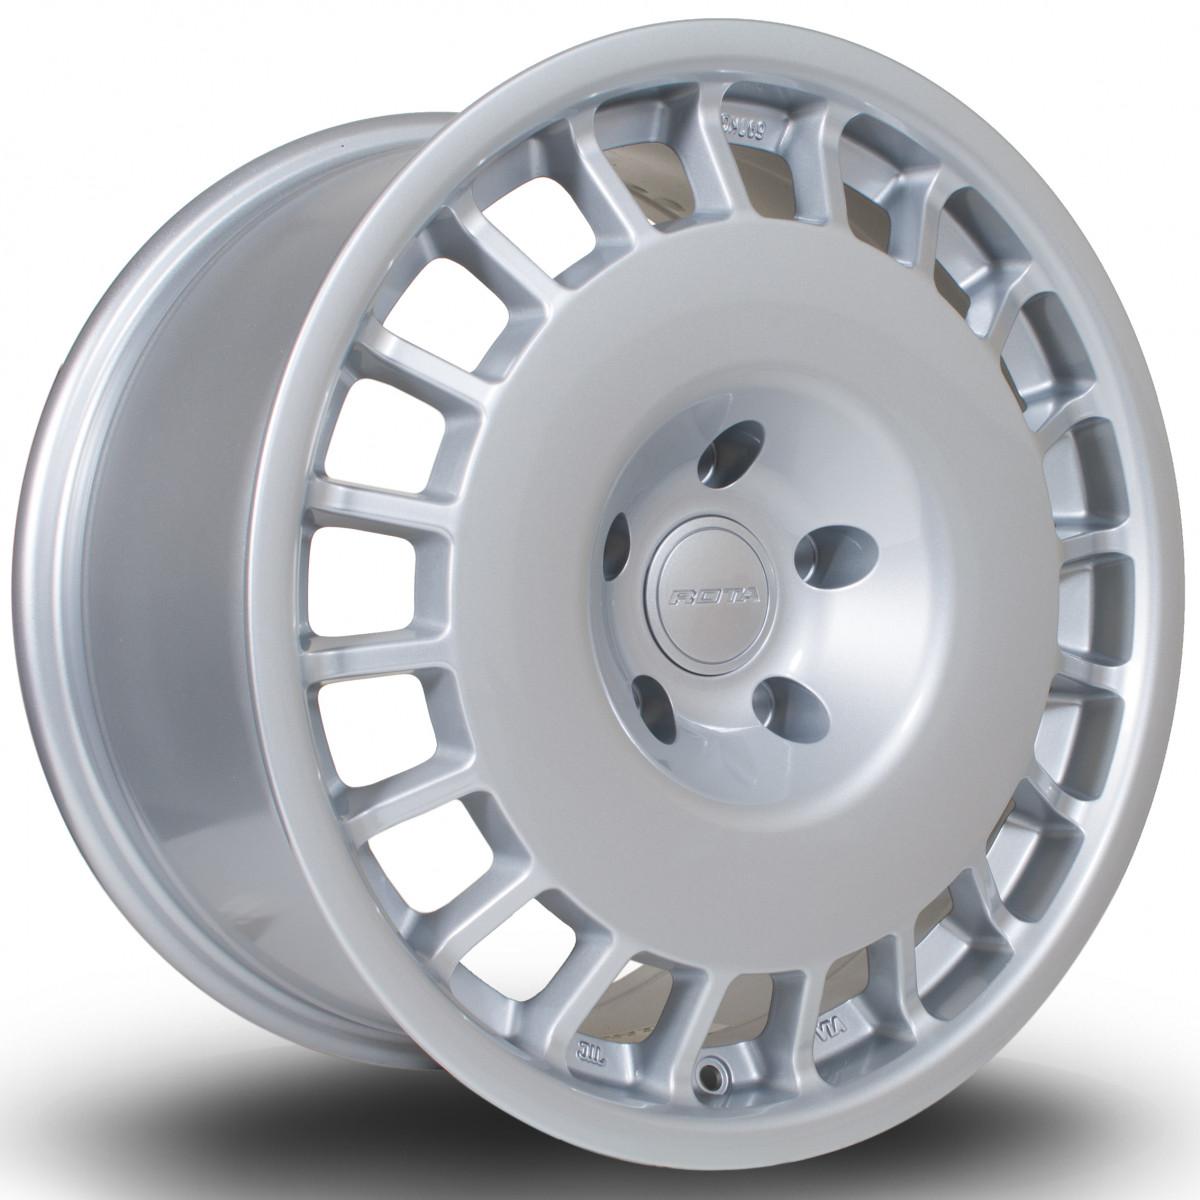 D154 17x8.5 5x112 ET35 Silver